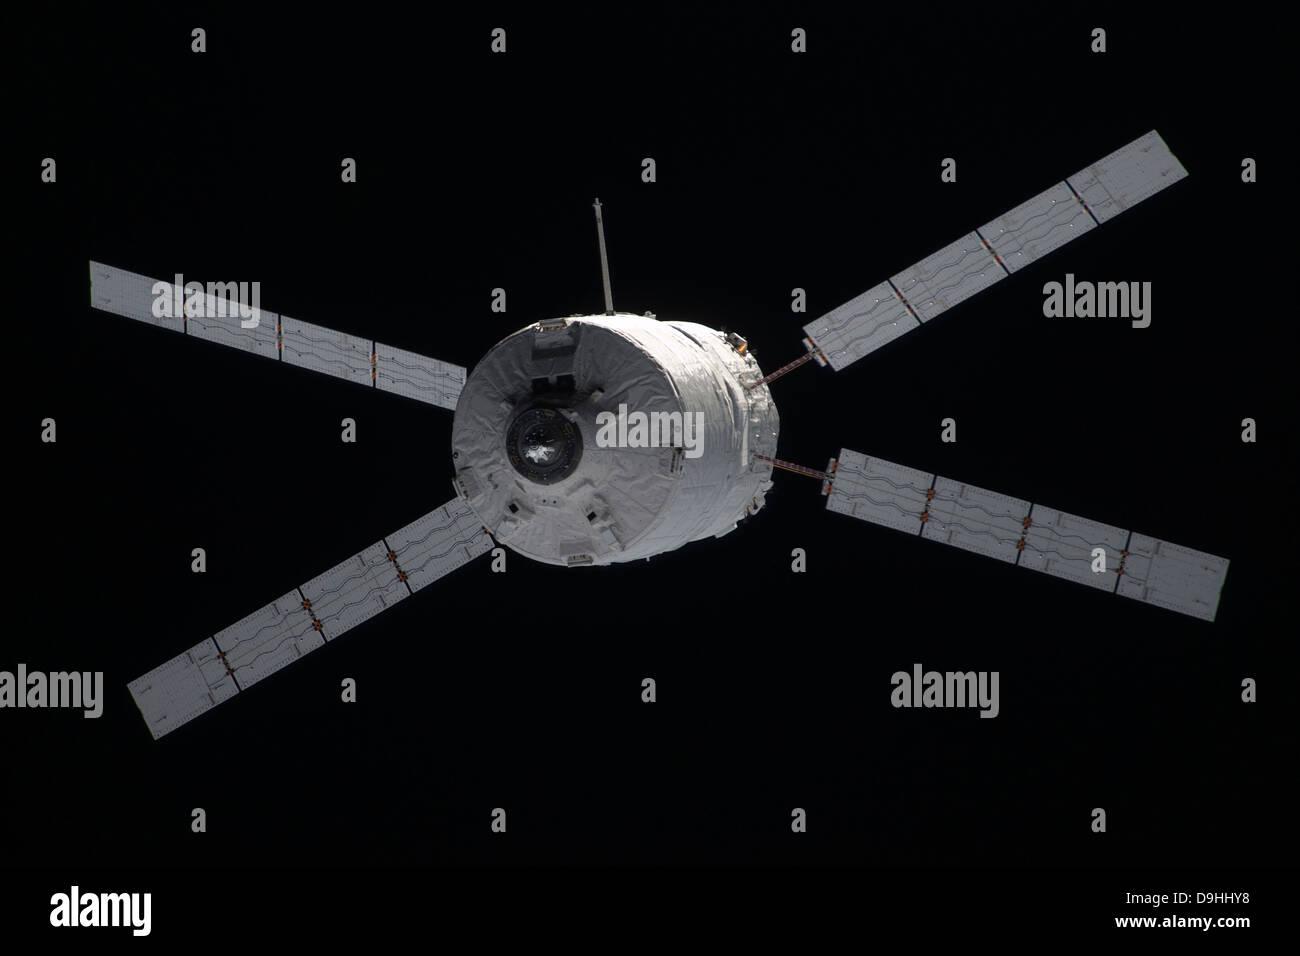 The Edoardo Amaldi Automated Transfer Vehicle-3 resupply spacecraft - Stock Image